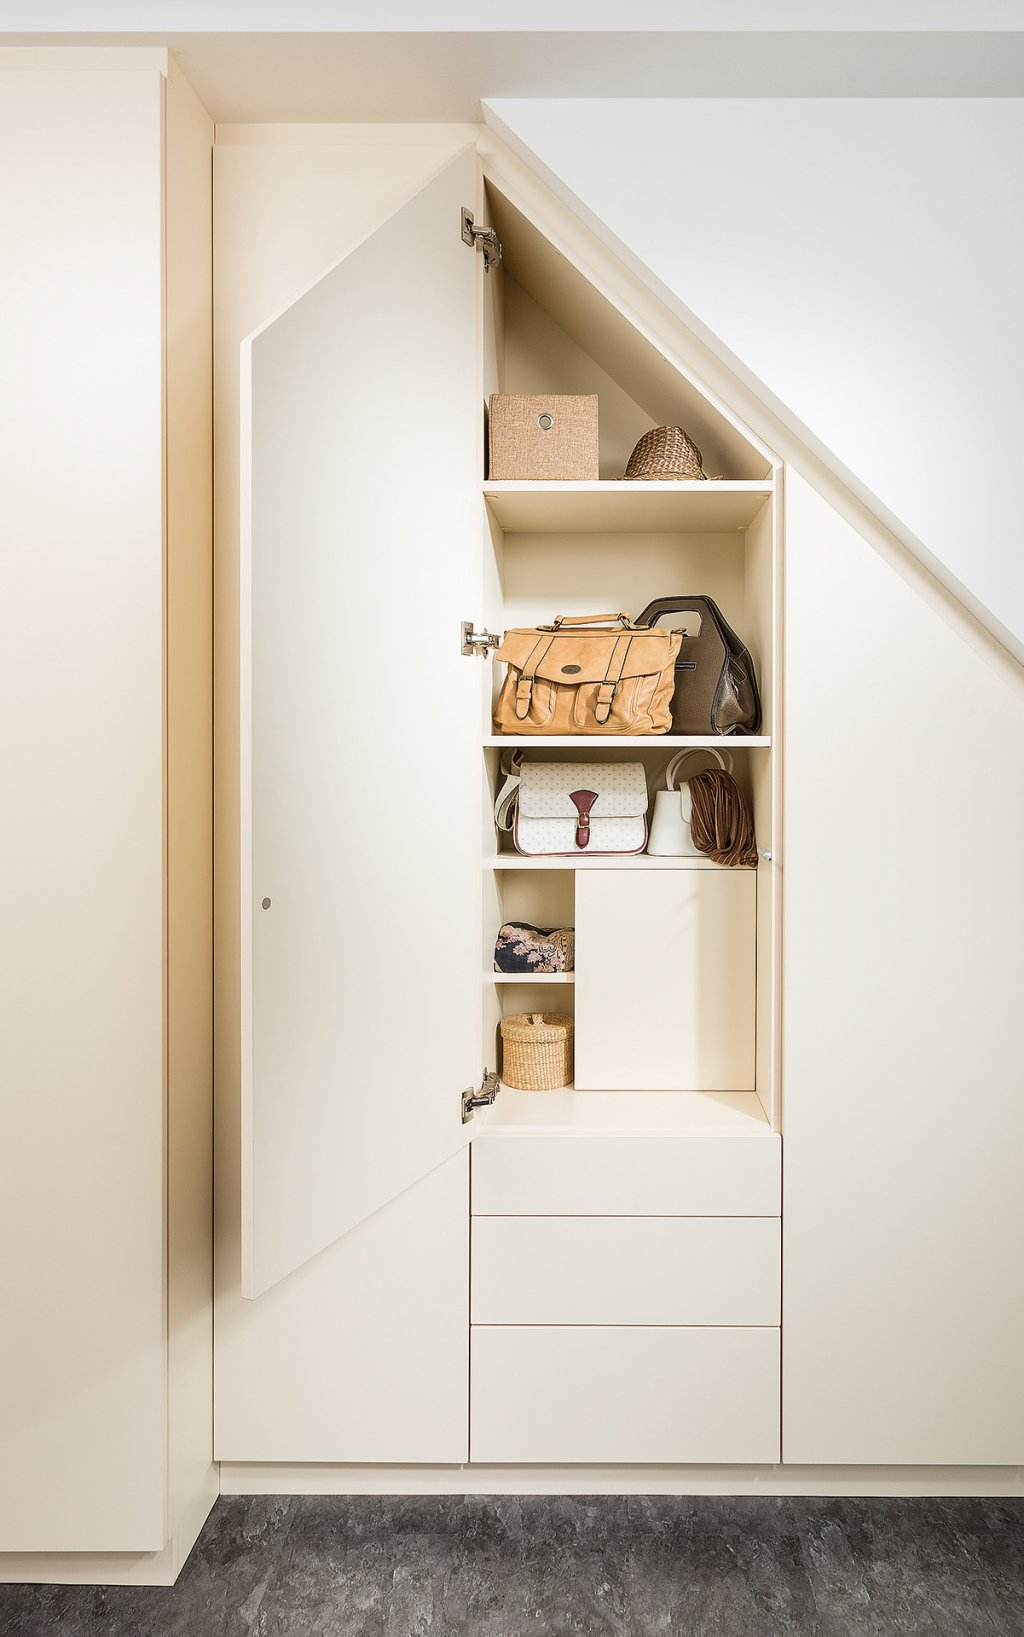 schrank unter dachschrge amazing im schrank unter dem dachstock geben eine zweite ebene frei. Black Bedroom Furniture Sets. Home Design Ideas